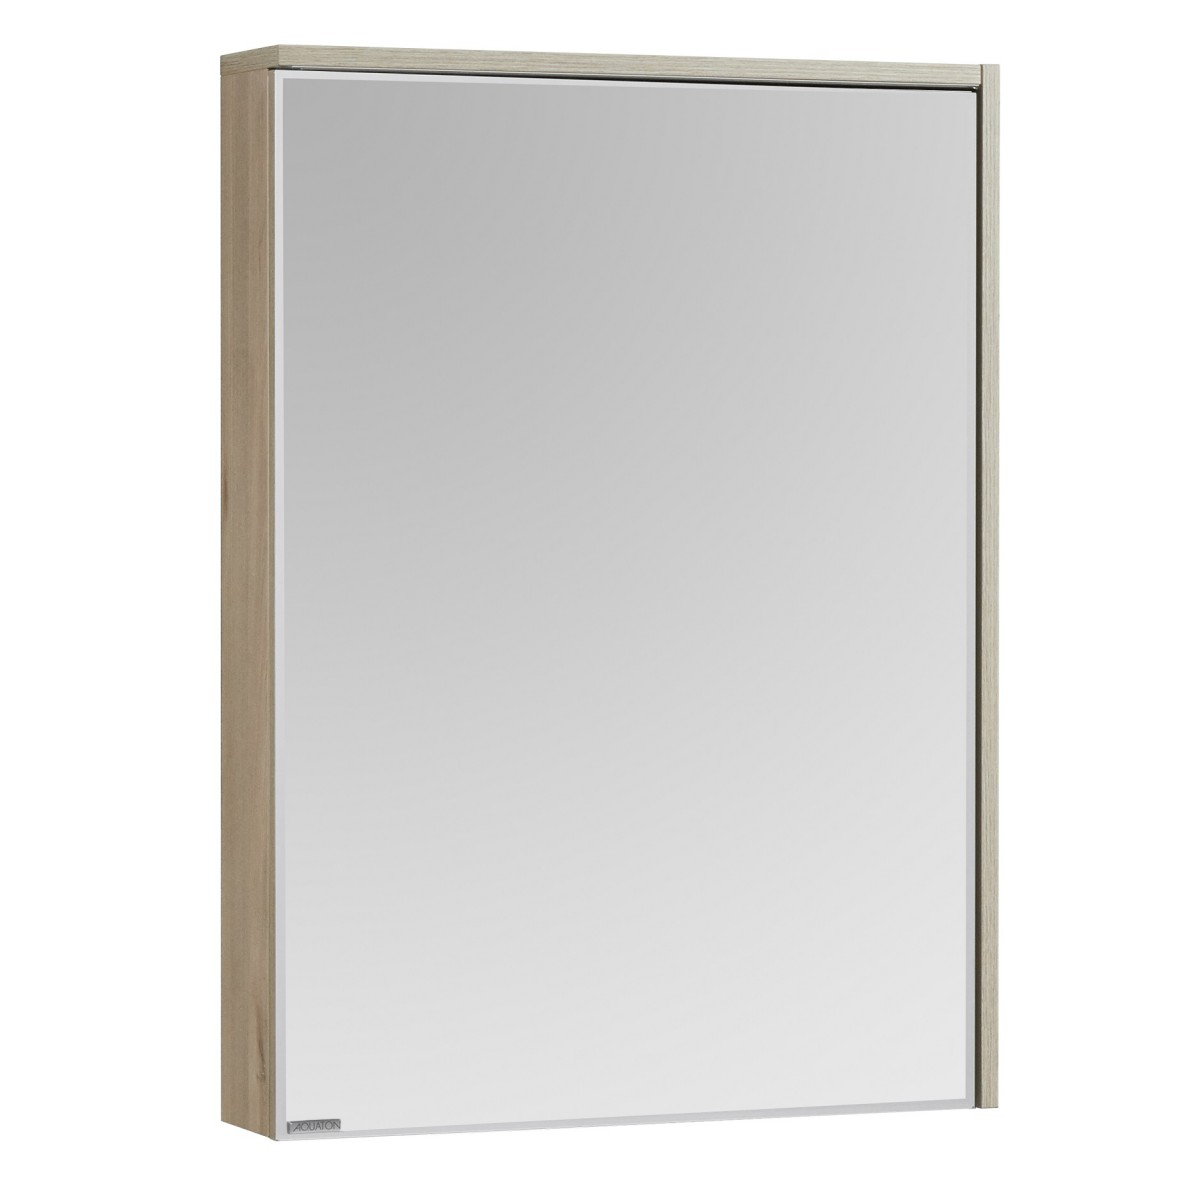 Зеркальный шкаф Акватон Стоун 60 сосна арлингтон